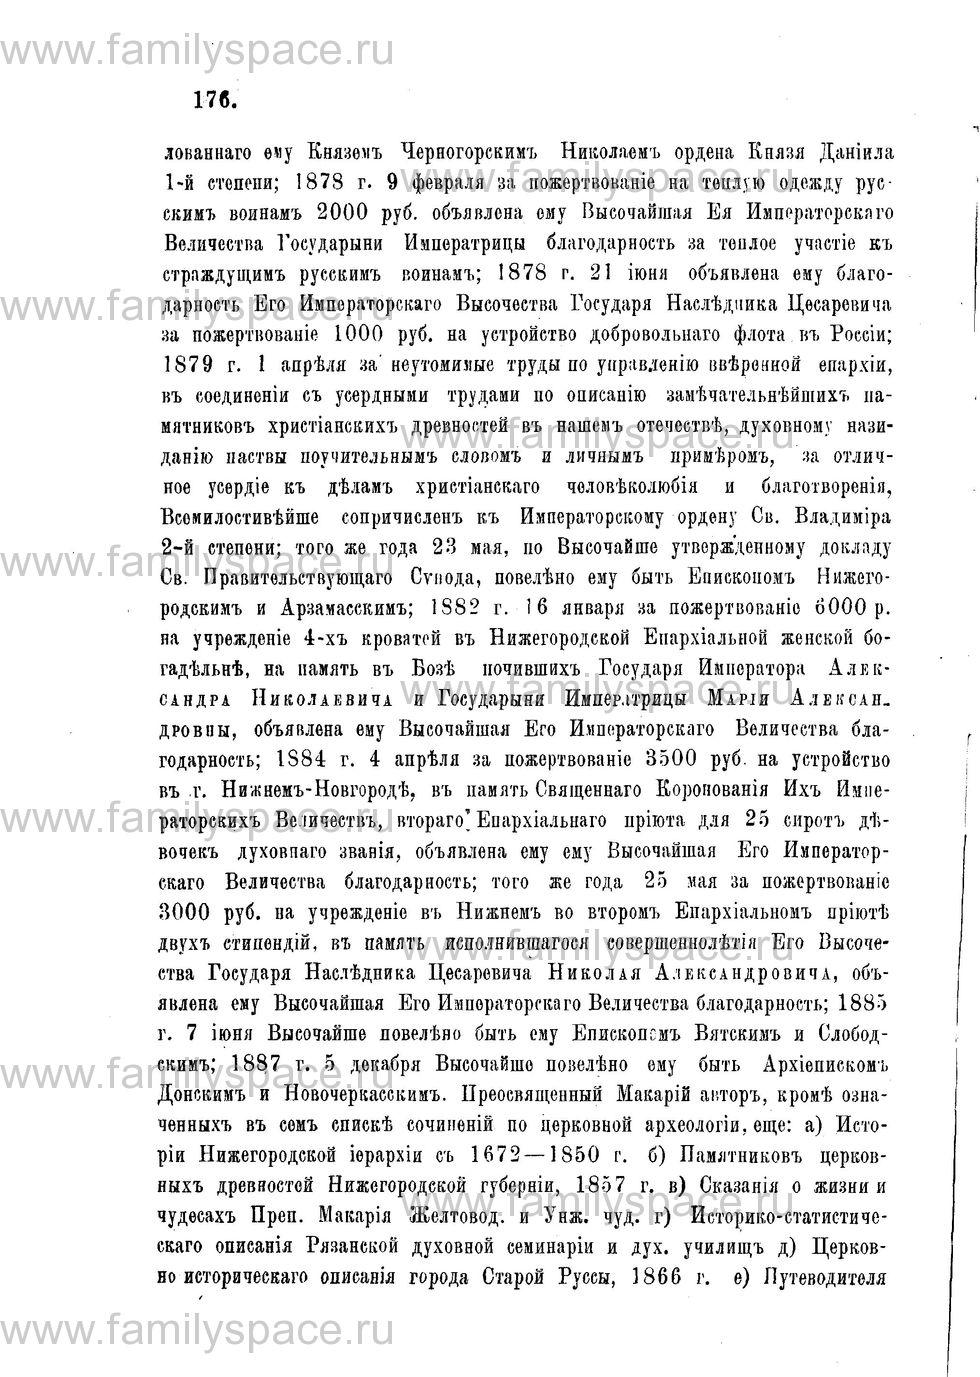 Поиск по фамилии - Адрес-календарь Нижегородской епархии на 1888 год, страница 1176